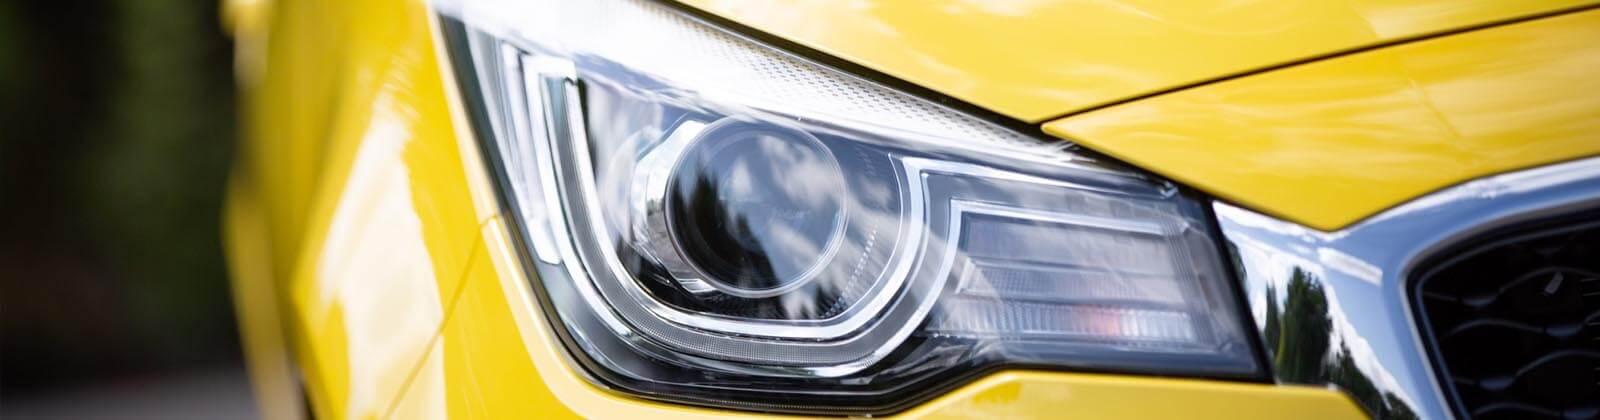 Finance your MG through Motorama MG Moorooka